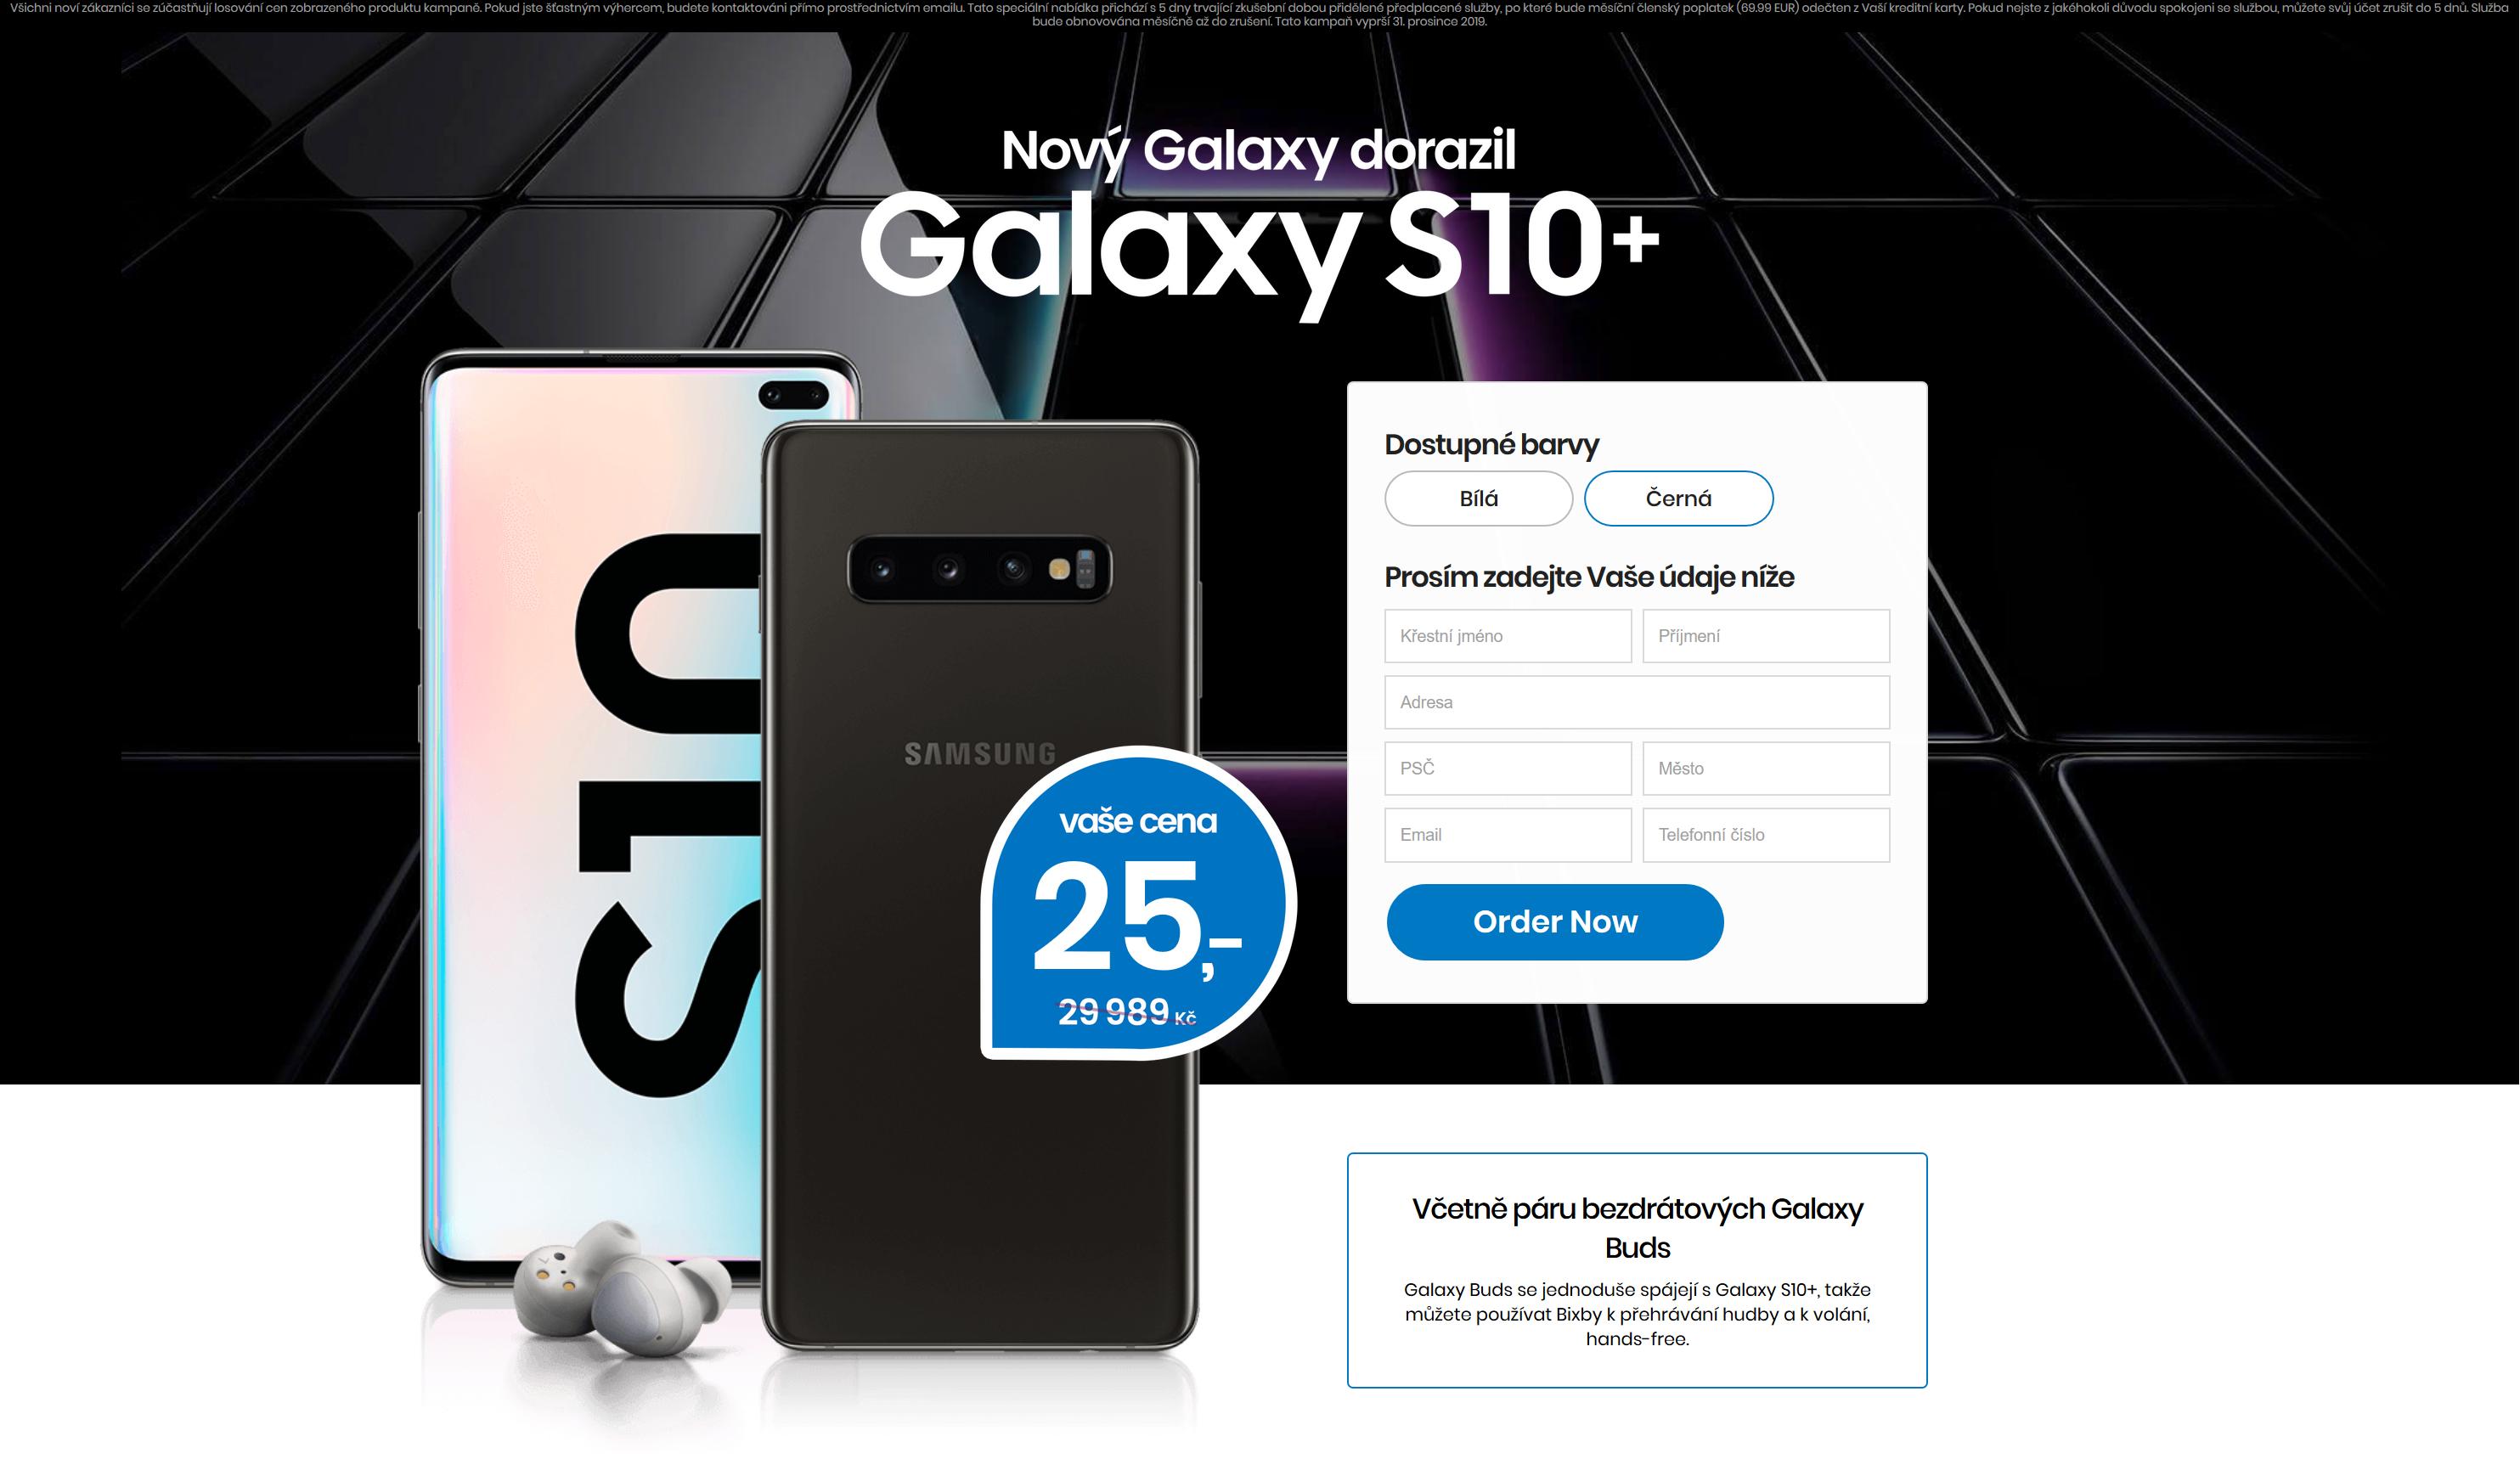 Obrázek: Chcete skvělý telefon za 25 Kč? Pozor na falešné stránky Samsungu, nic nedostanete